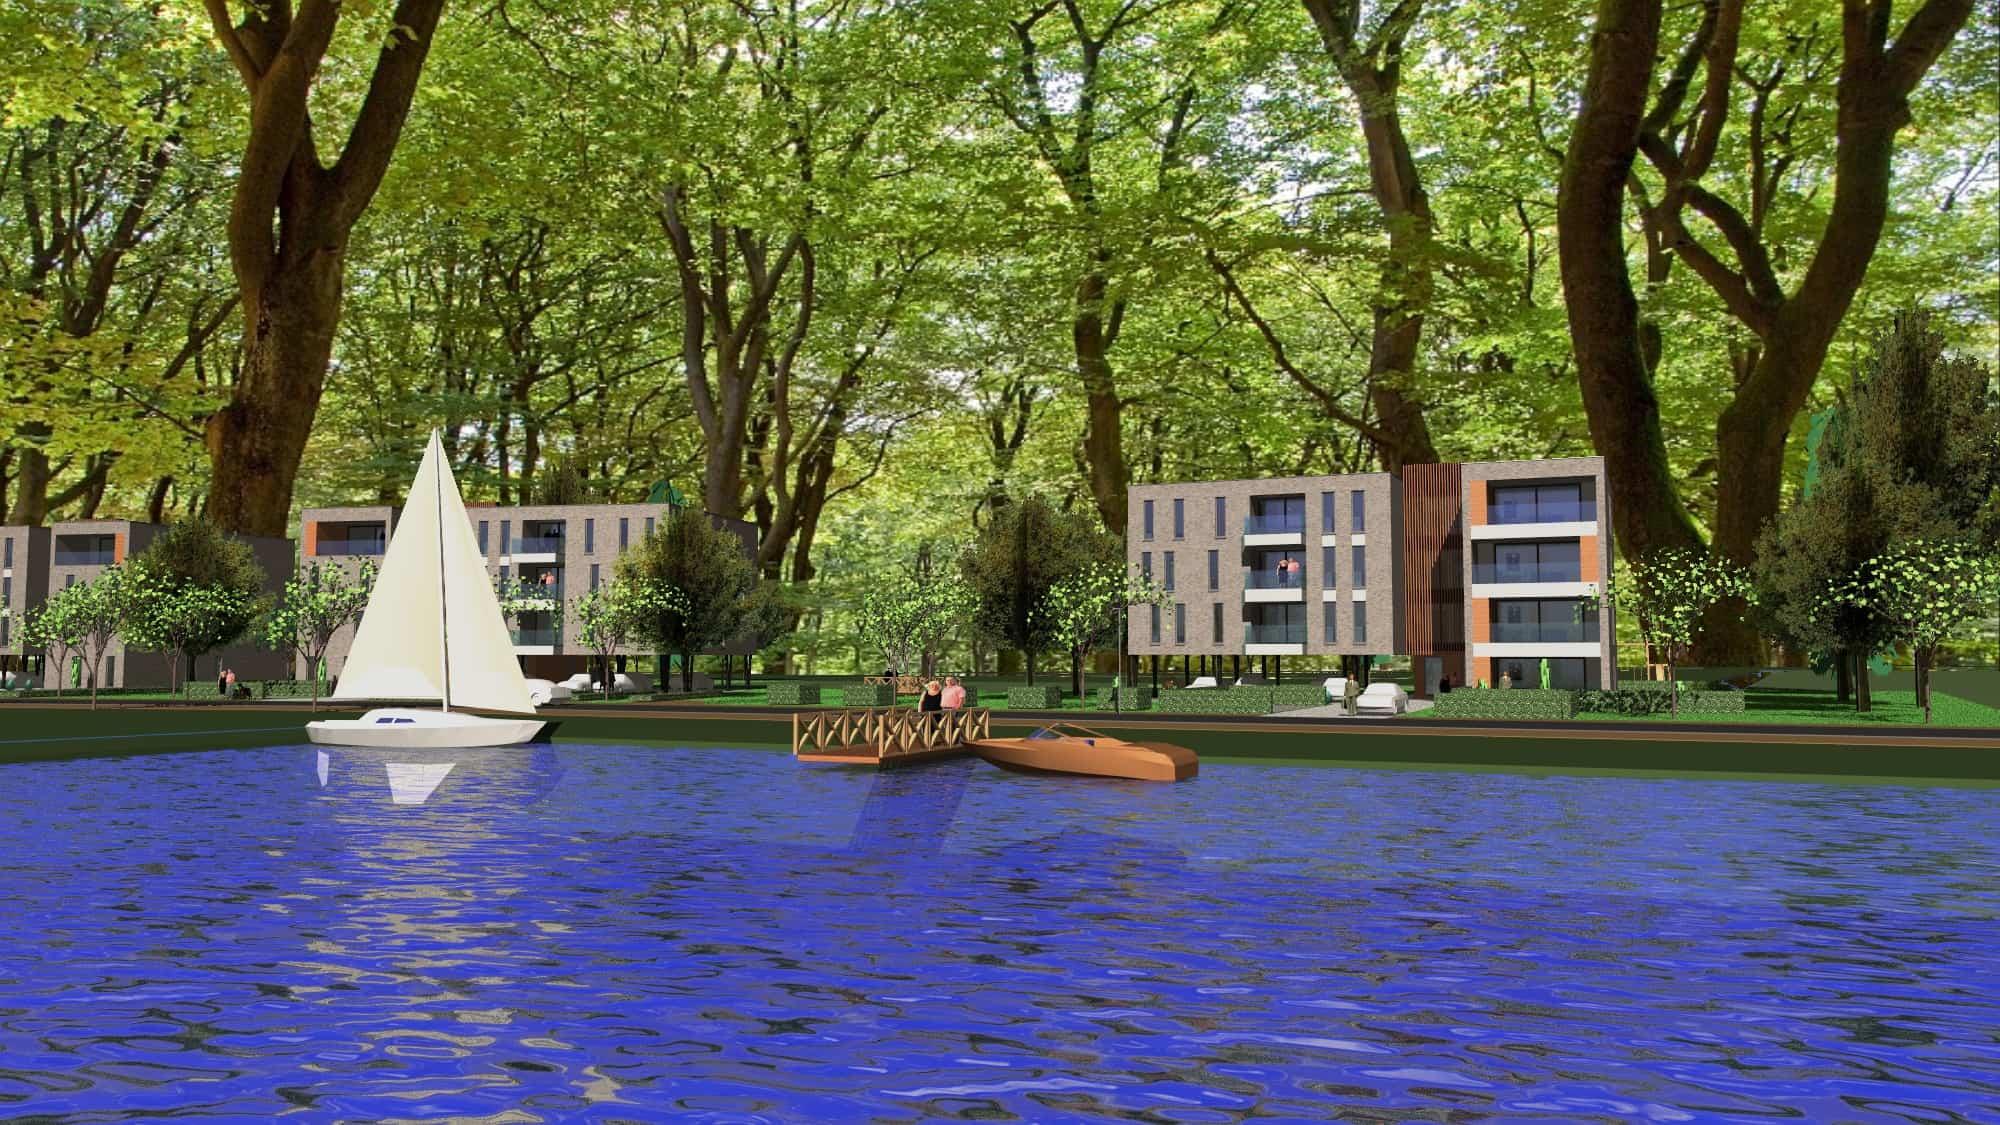 Detail afbeelding 1 van VO – BE   –   48 Appartementen tussen de bomen   –   Zonhoven | Ontwerp door architect Patrick Strackx